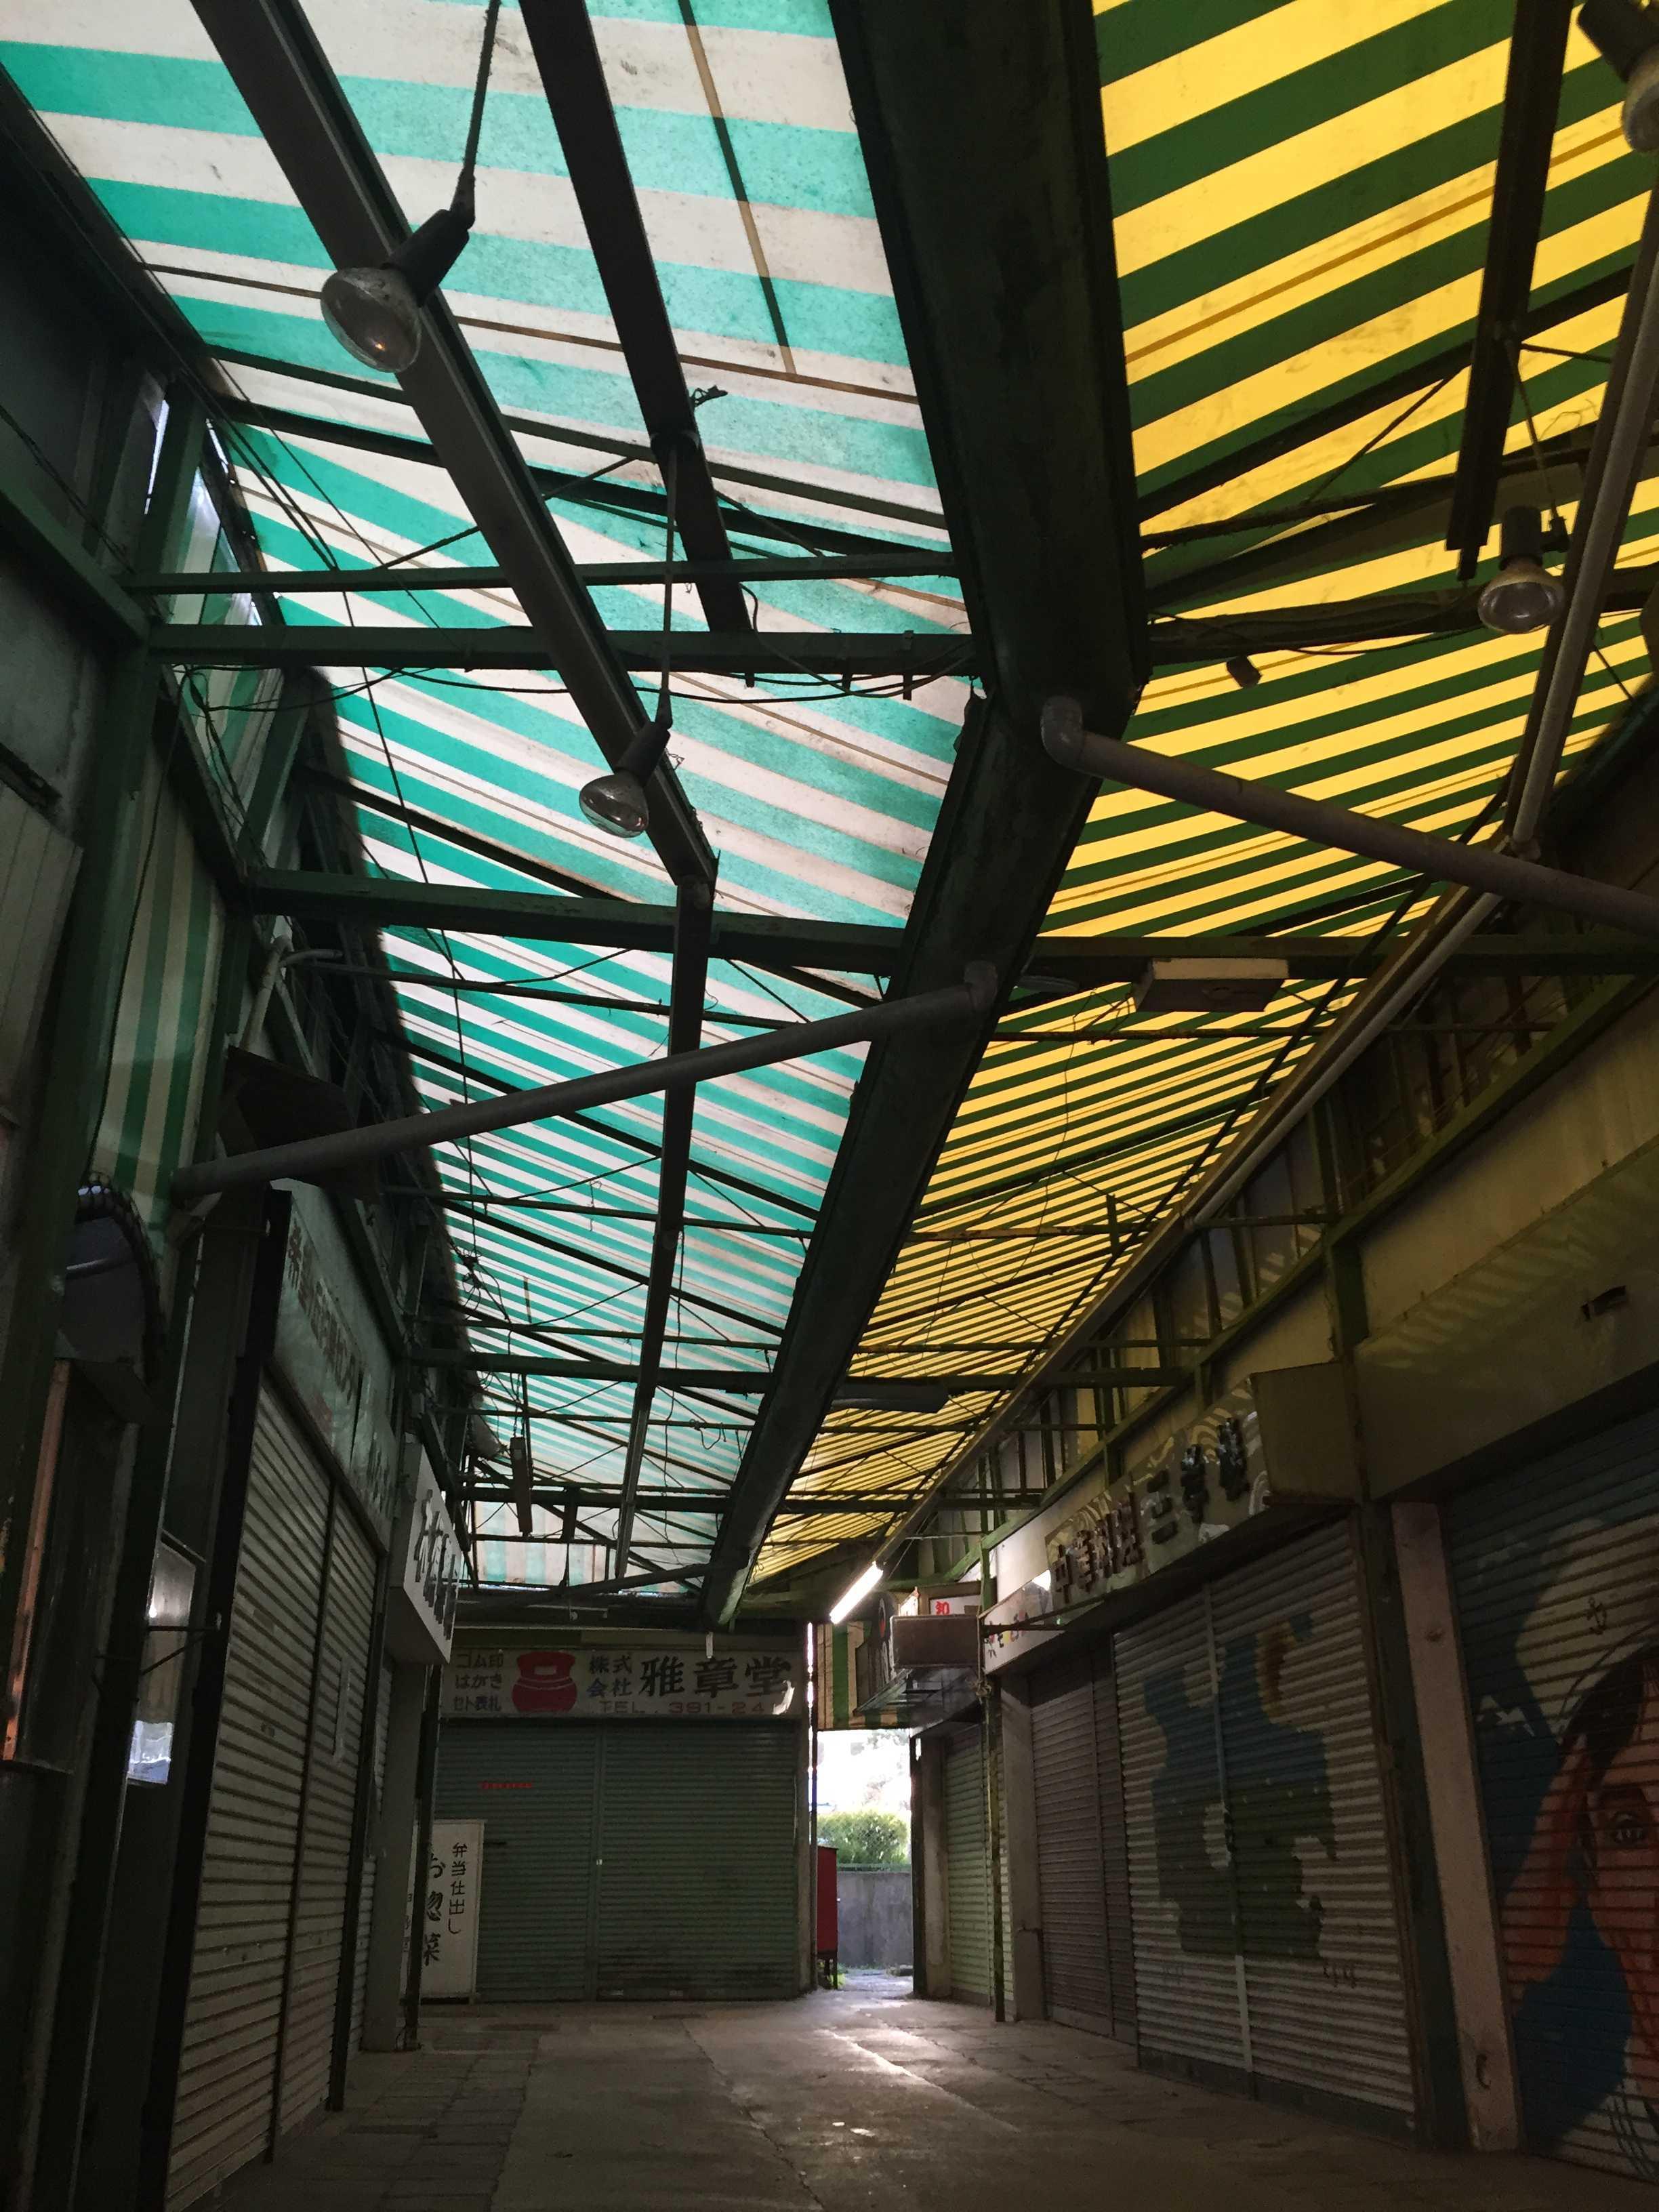 希望ヶ丘ショッピングセンターのアーケードのテント